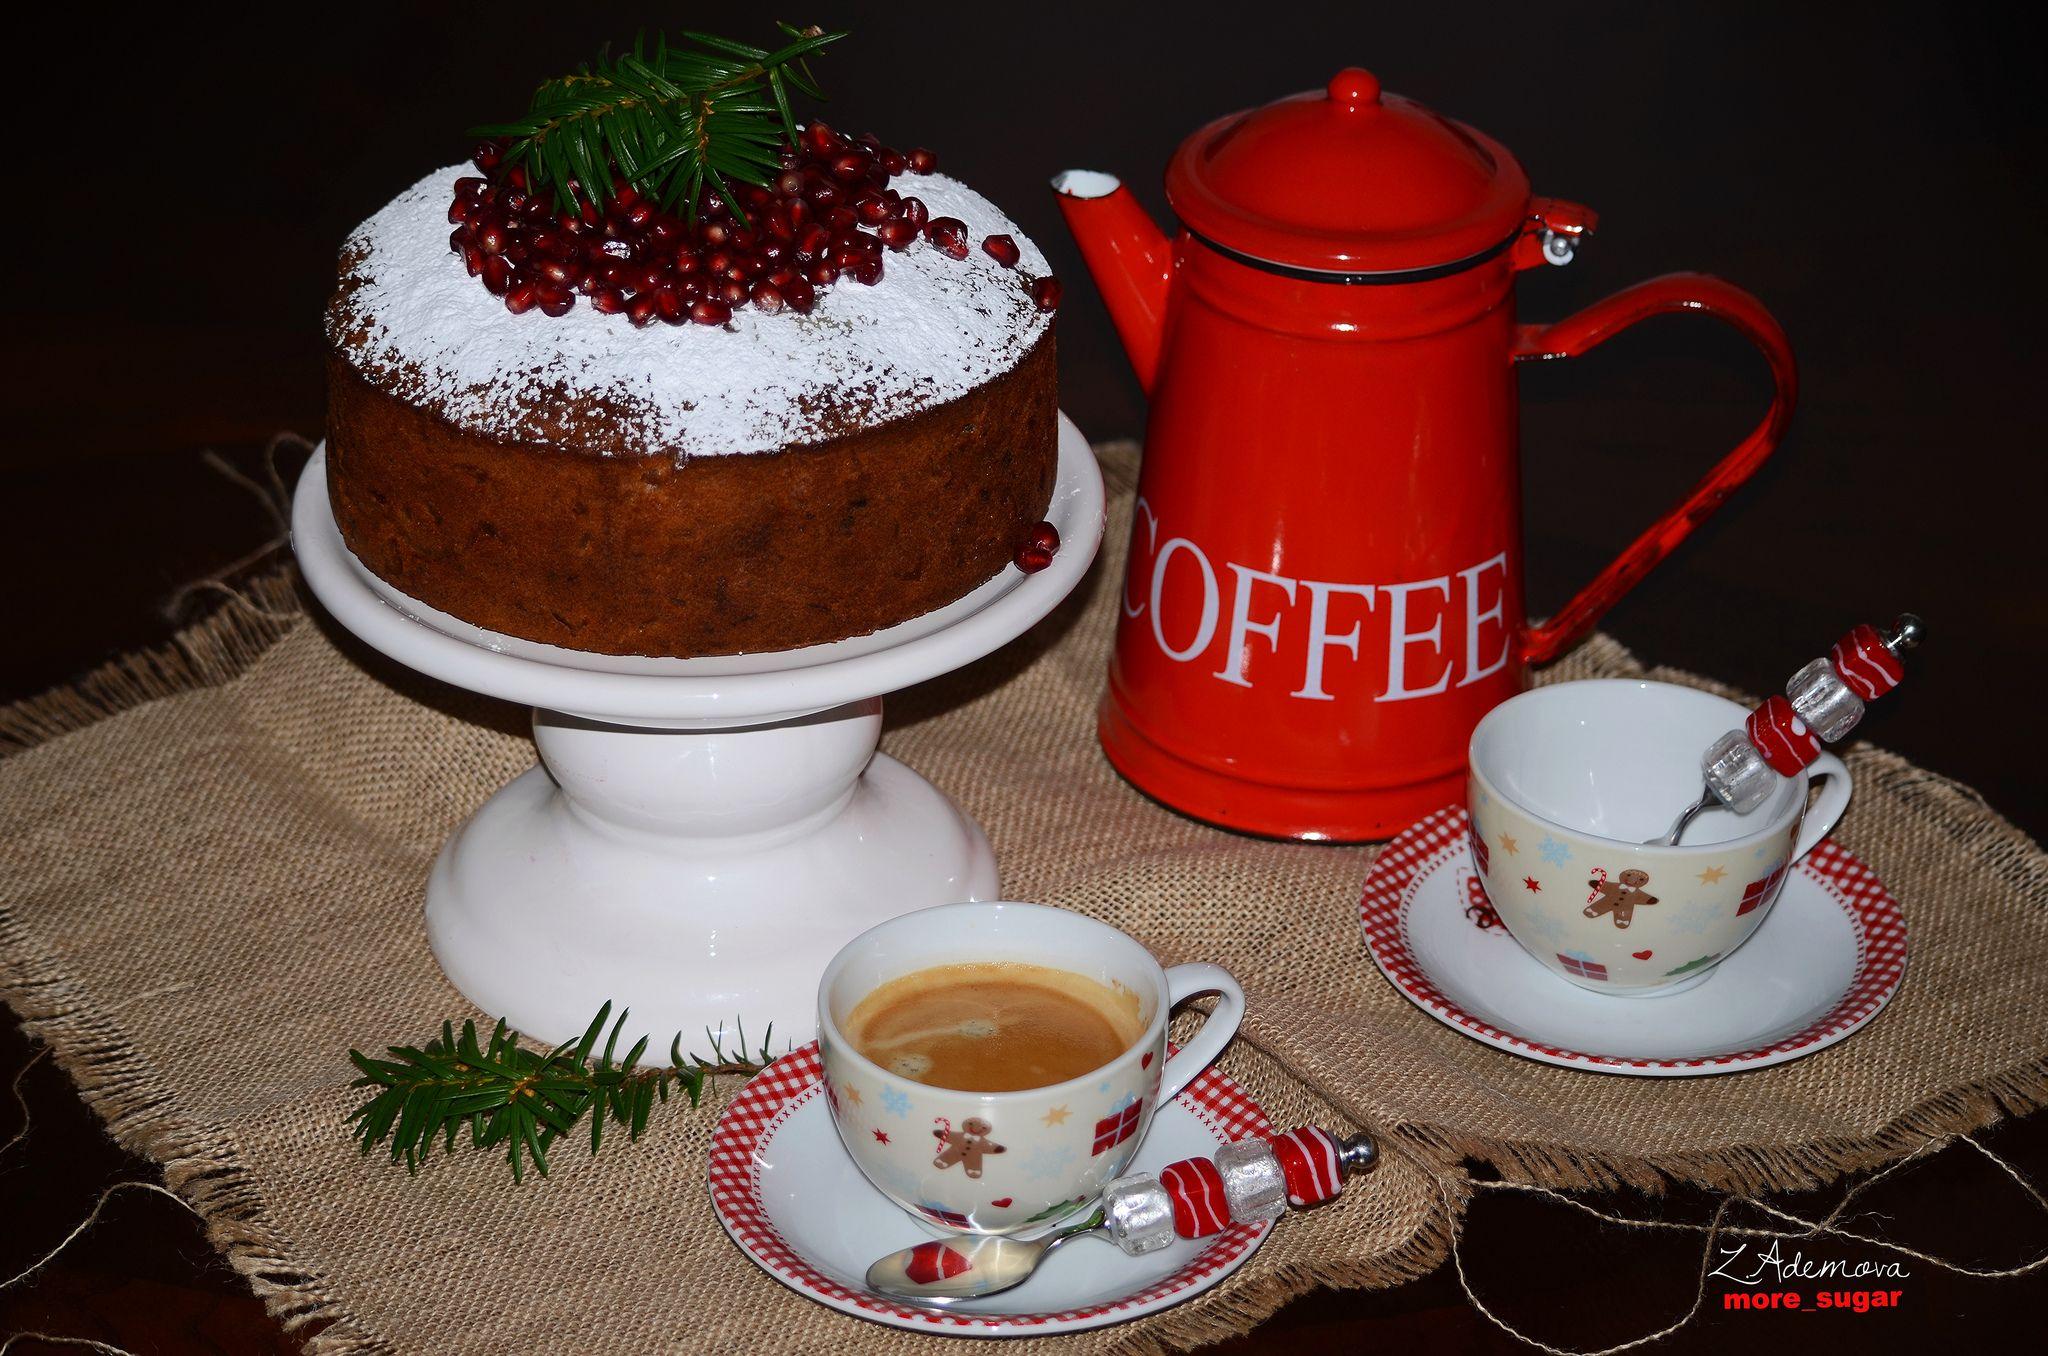 https://flic.kr/p/CBFEf6 | Christmas cake